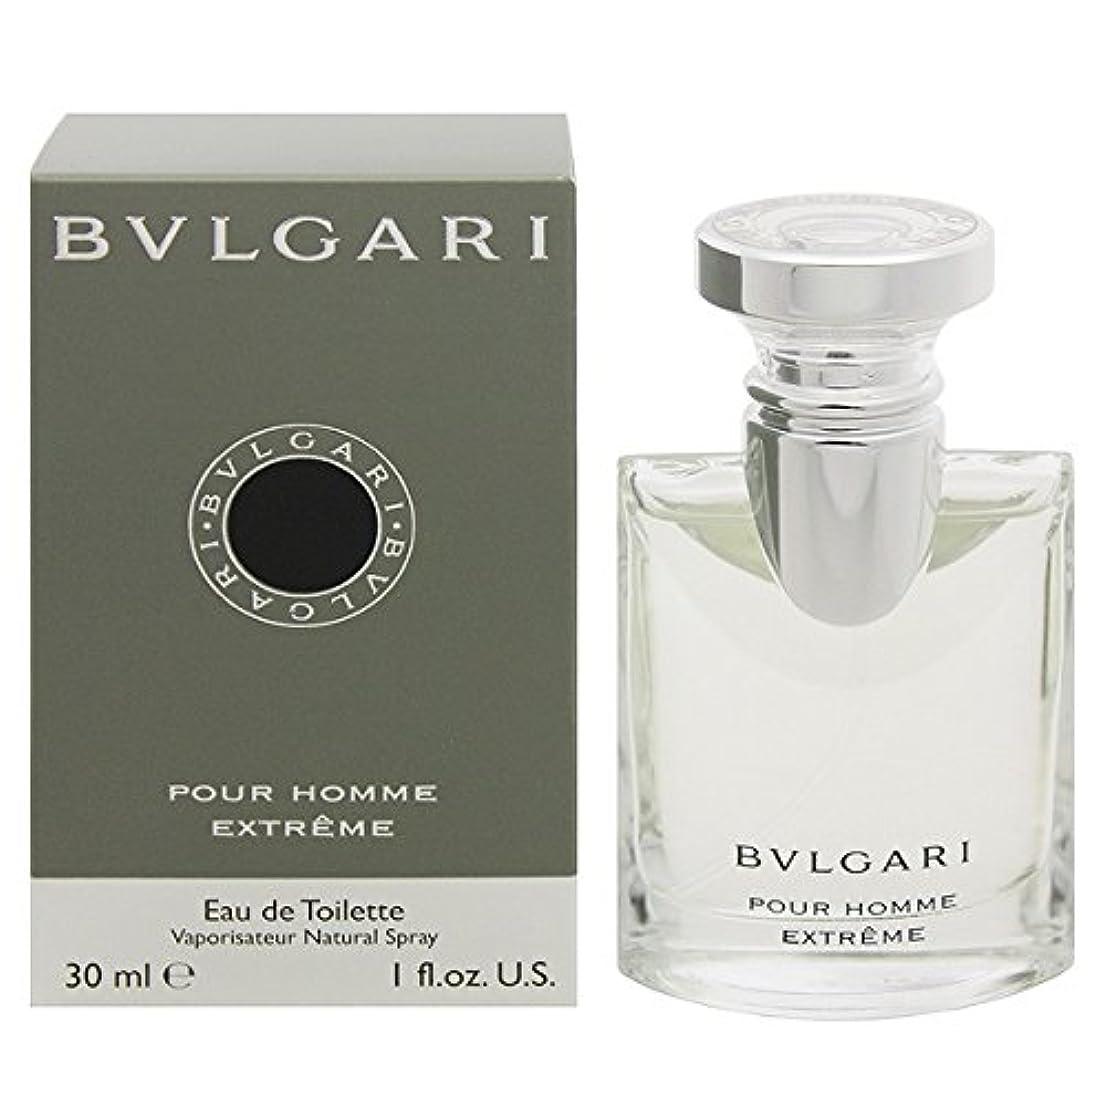 干渉順応性のあるめんどりブルガリ BVLGARI プールオム エクストレーム オードトワレ スプレー EDT 30mL 【香水】 [並行輸入品]